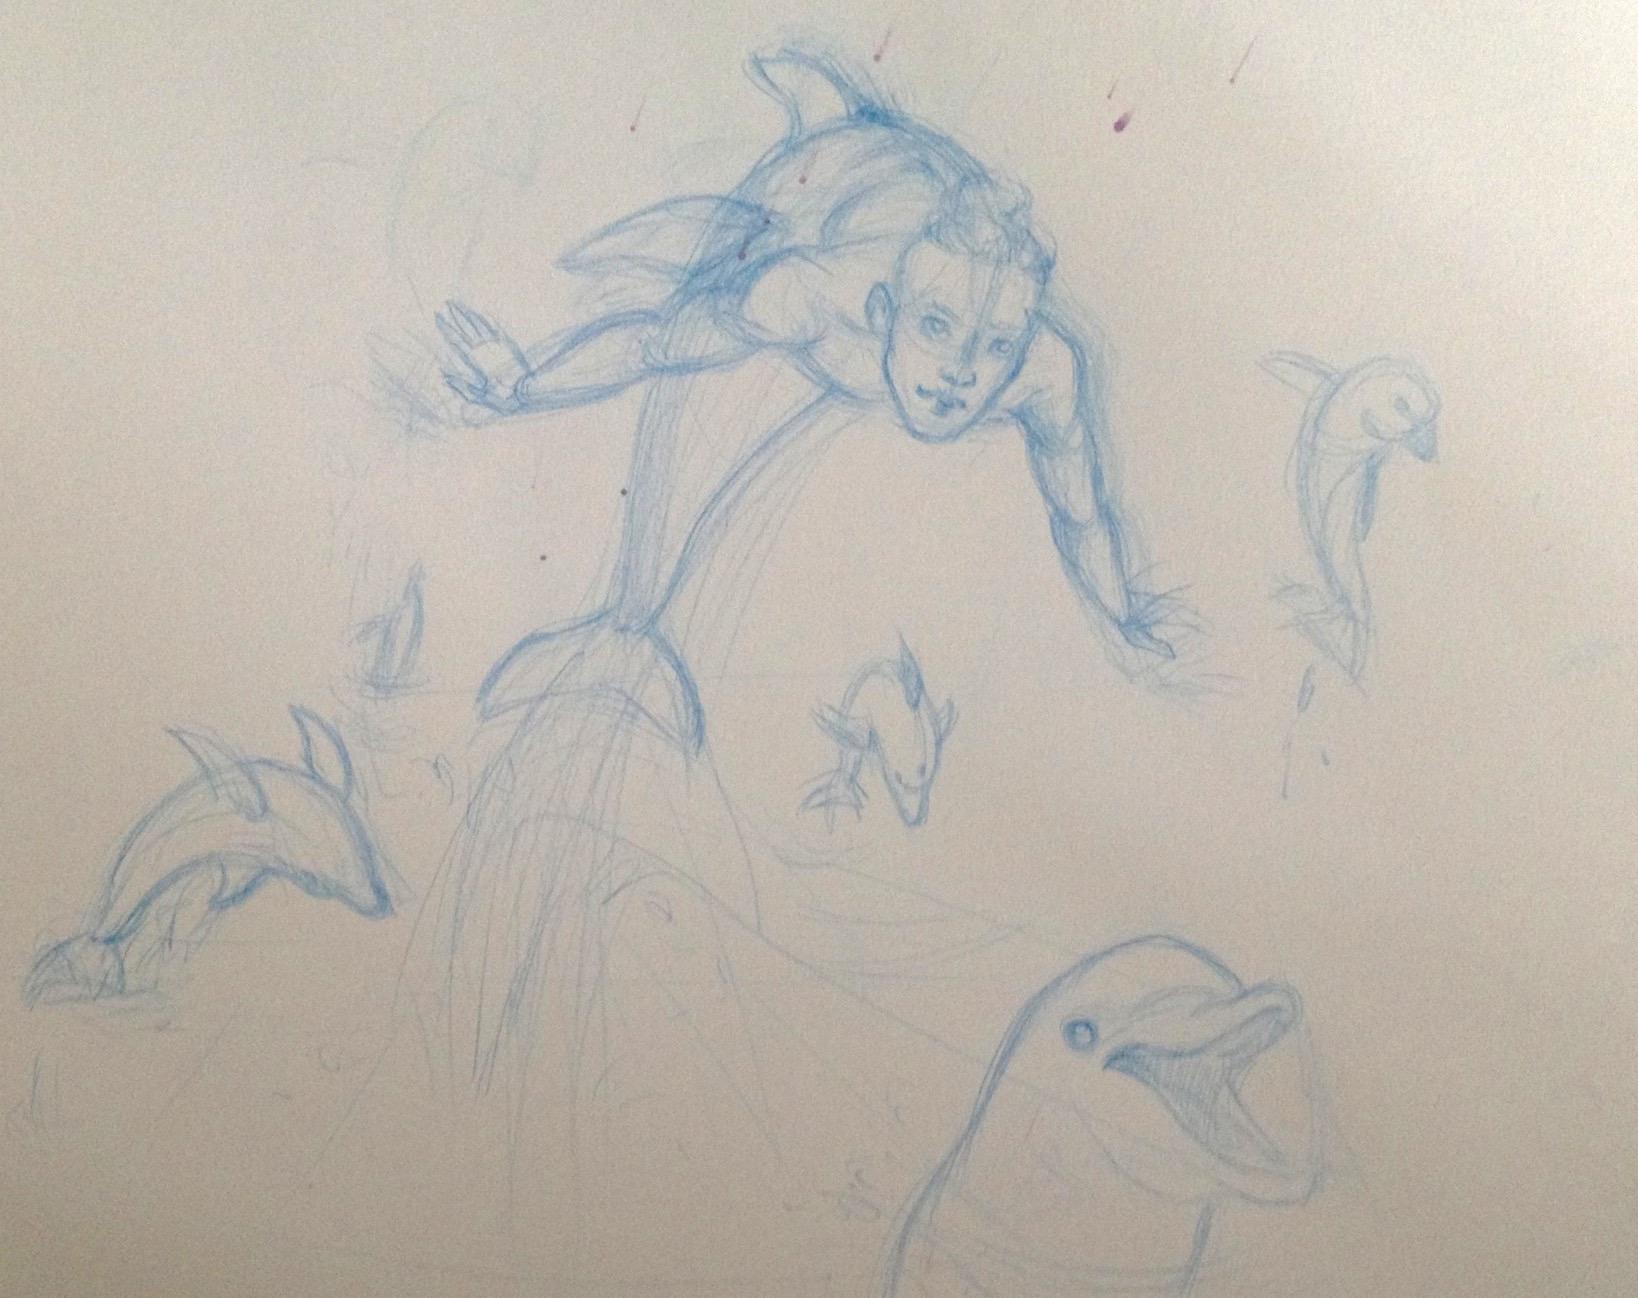 MerMay 2017 Day 30 rough sketch.